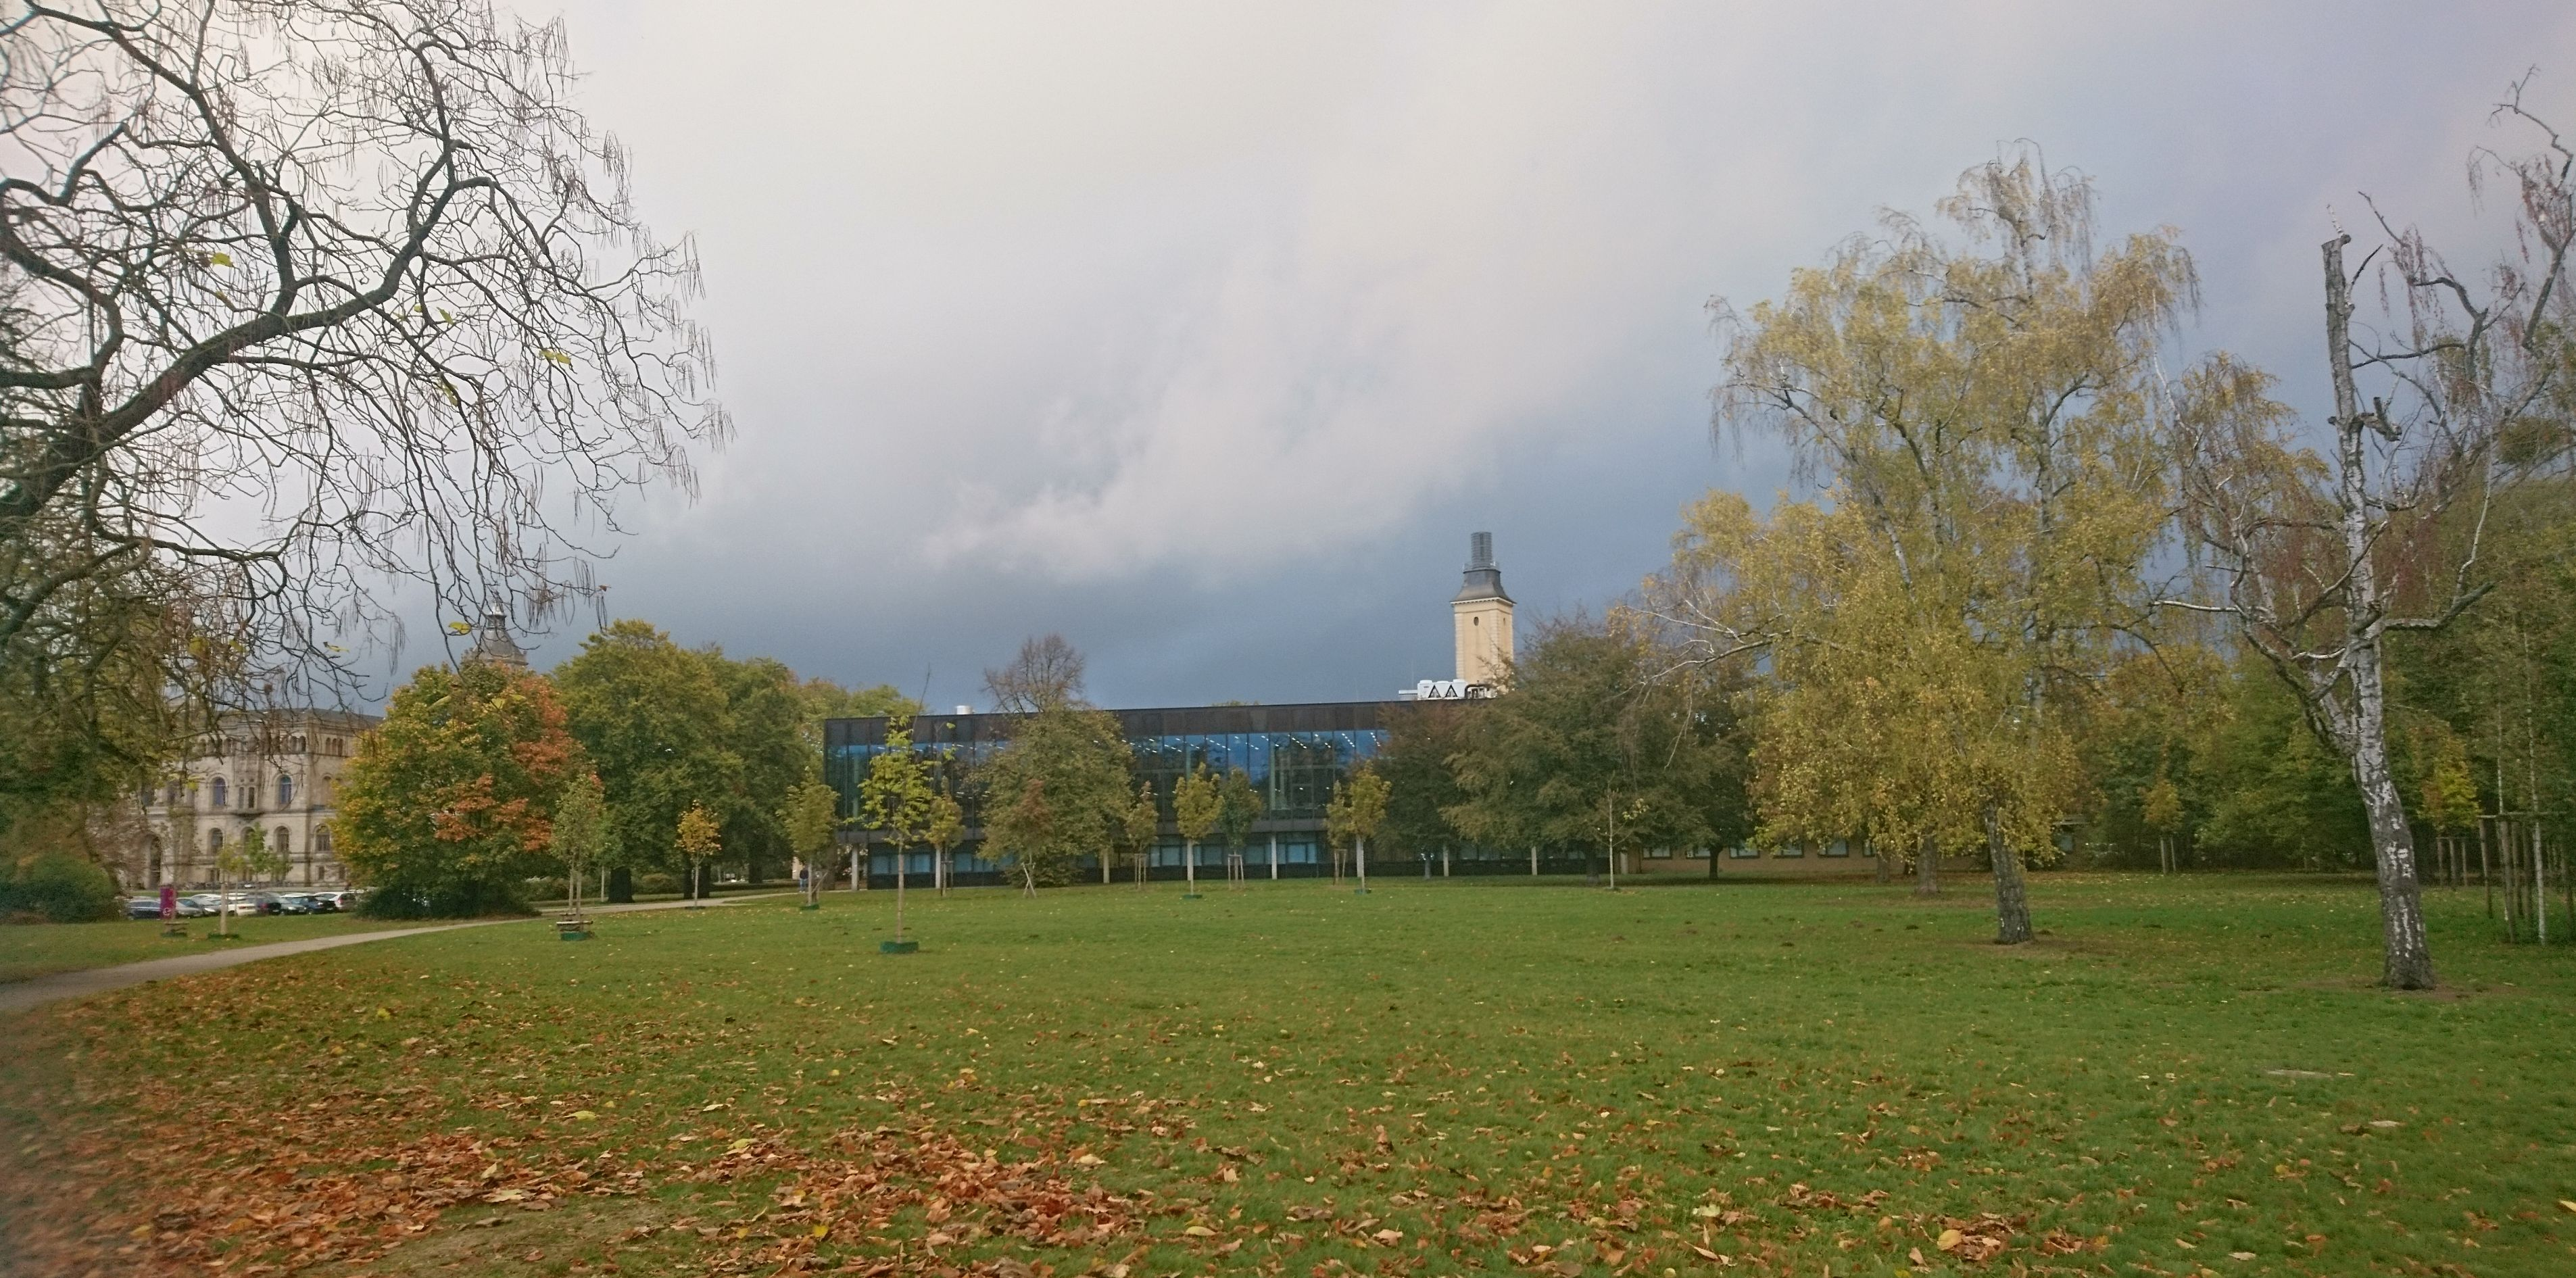 TIB Hannover (SBB-PK/U. Flache)